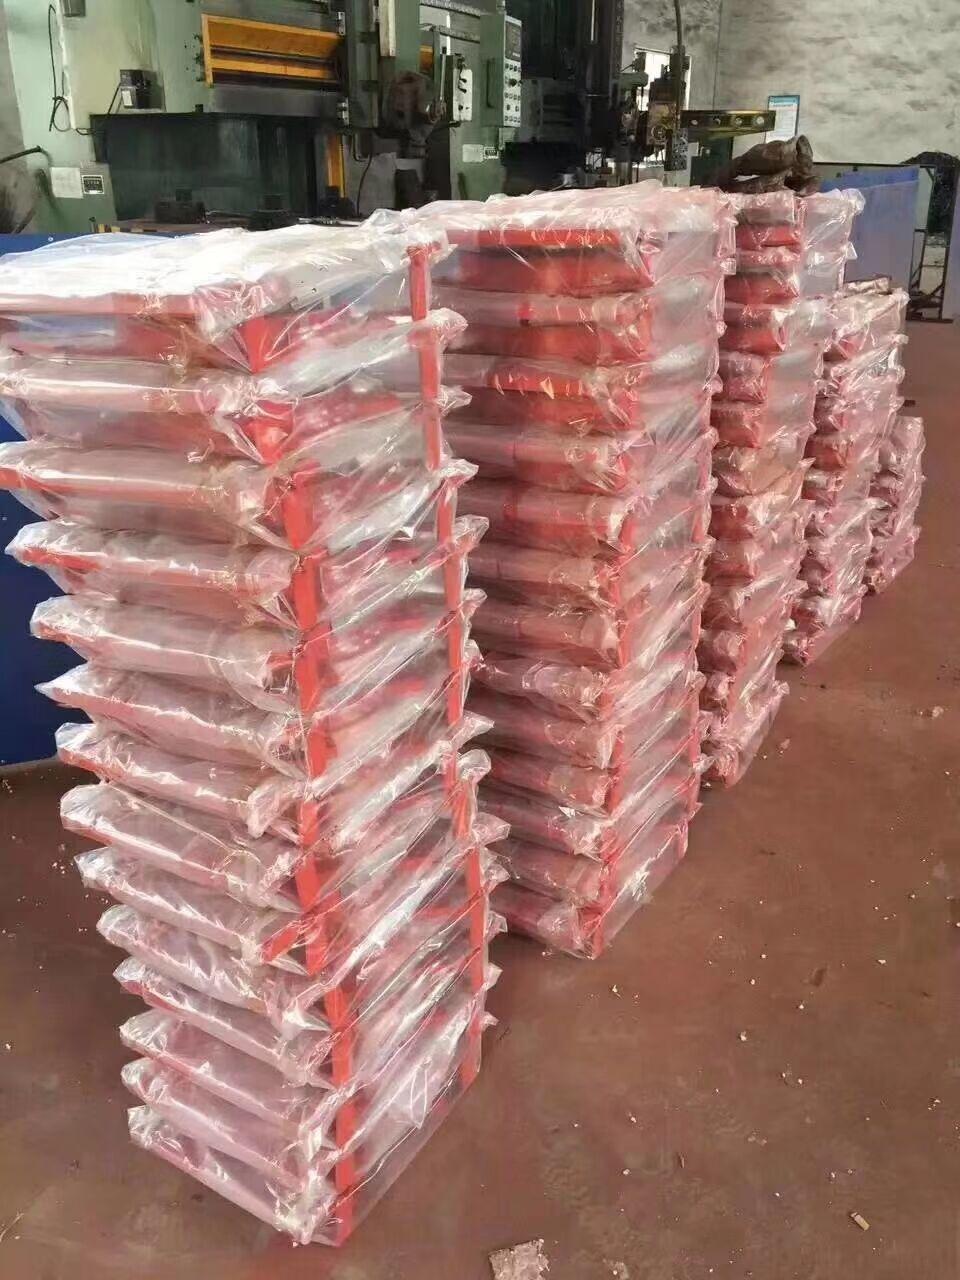 盆式橡胶支座&重庆盆式橡胶支座&盆式橡胶支座厂家